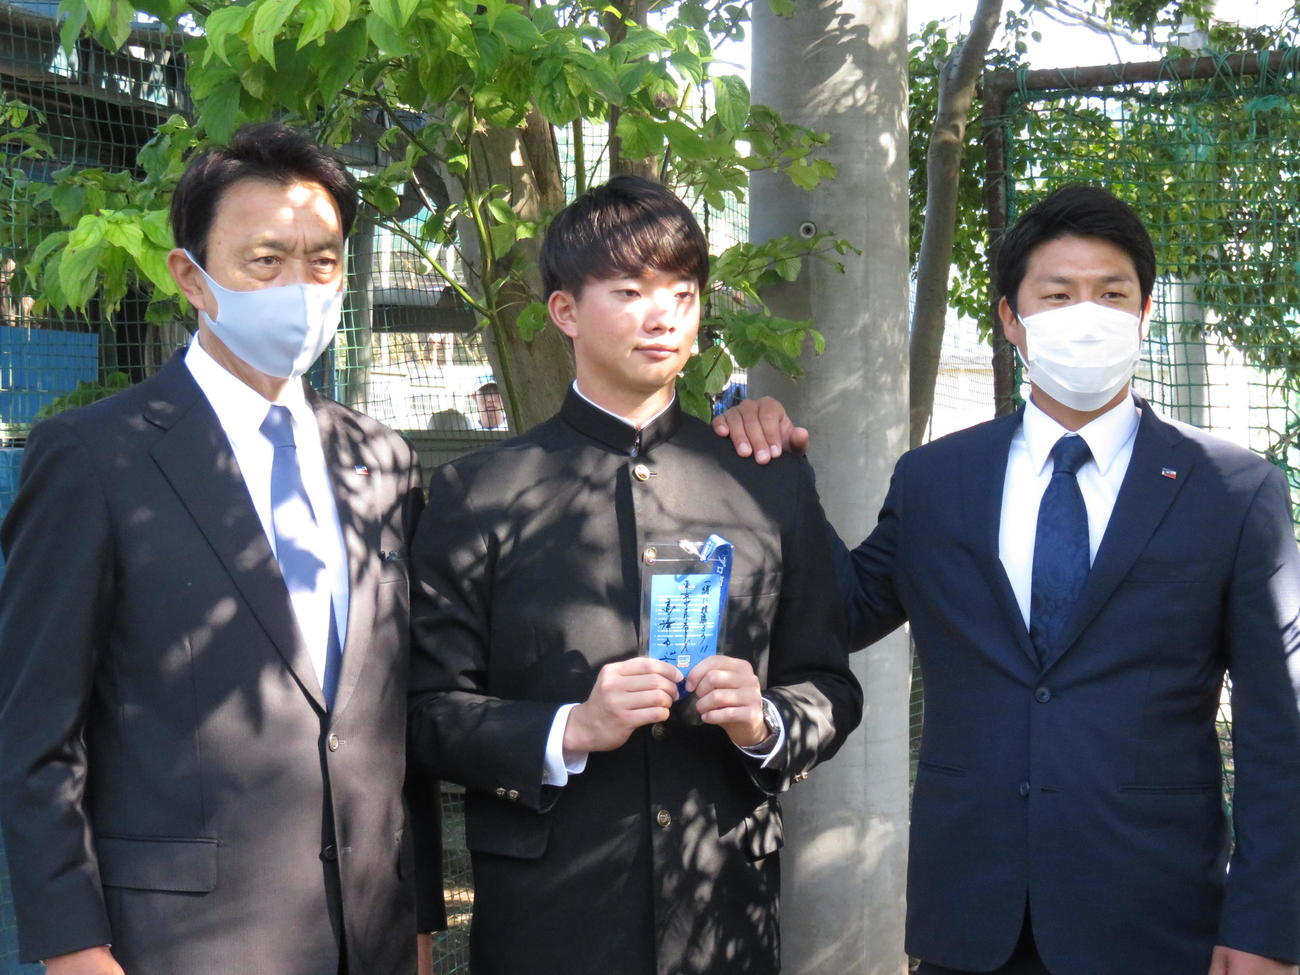 ヤクルトのドラフト1位、慶大・木沢尚文投手(22=中央)が指名あいさつを受けた。左が小川GM、右は山本担当スカウト